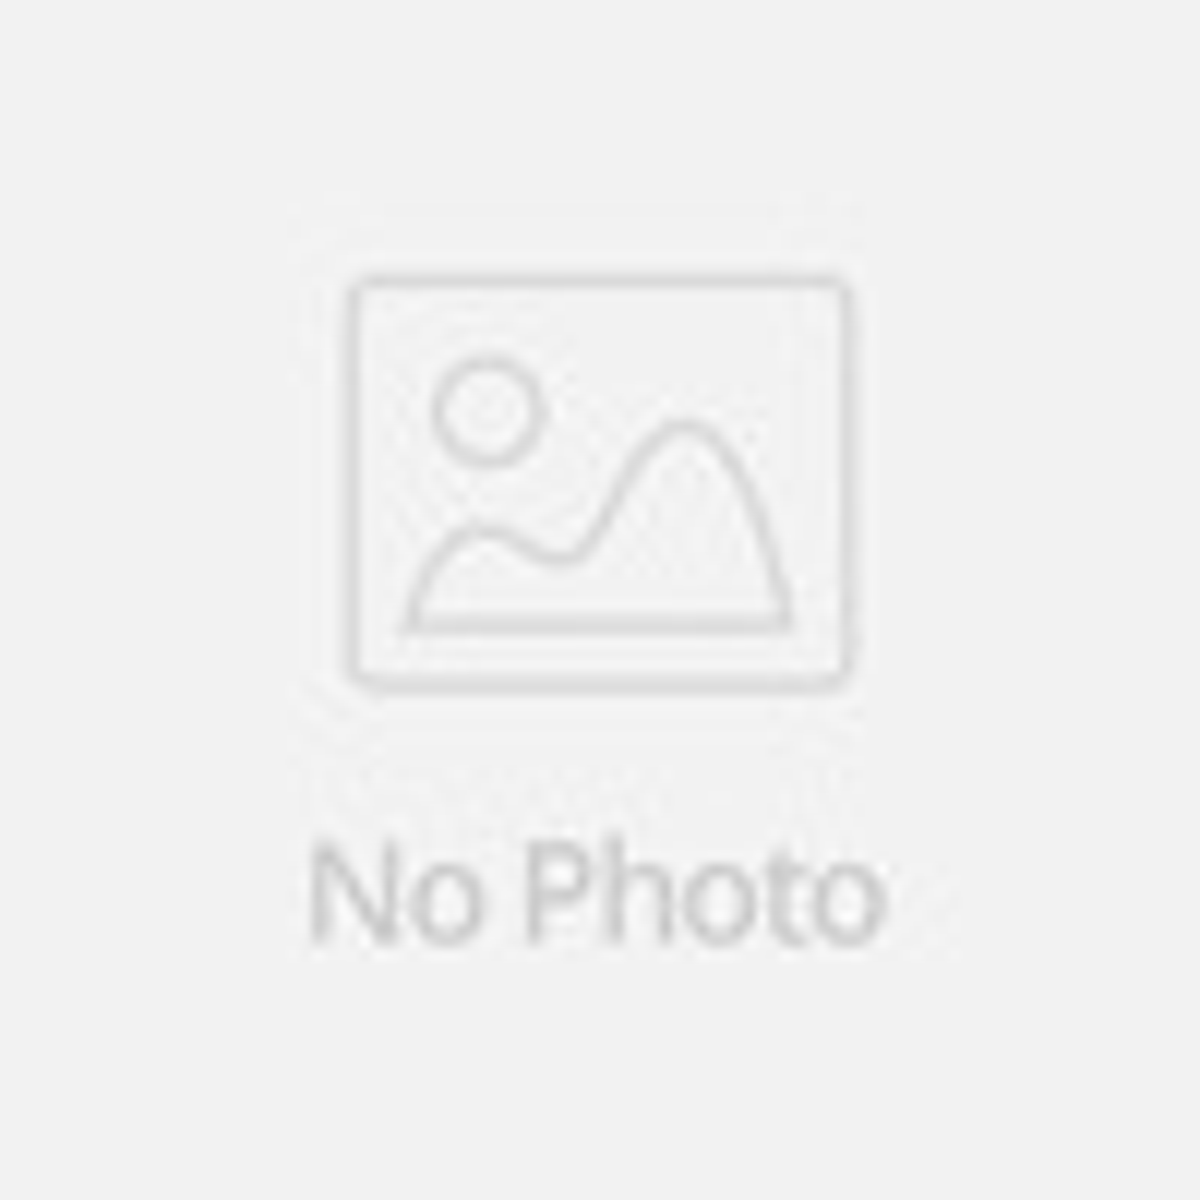 free shipping Pupa 21 sable brush set professional makeup tools full set combination(China (Mainland))